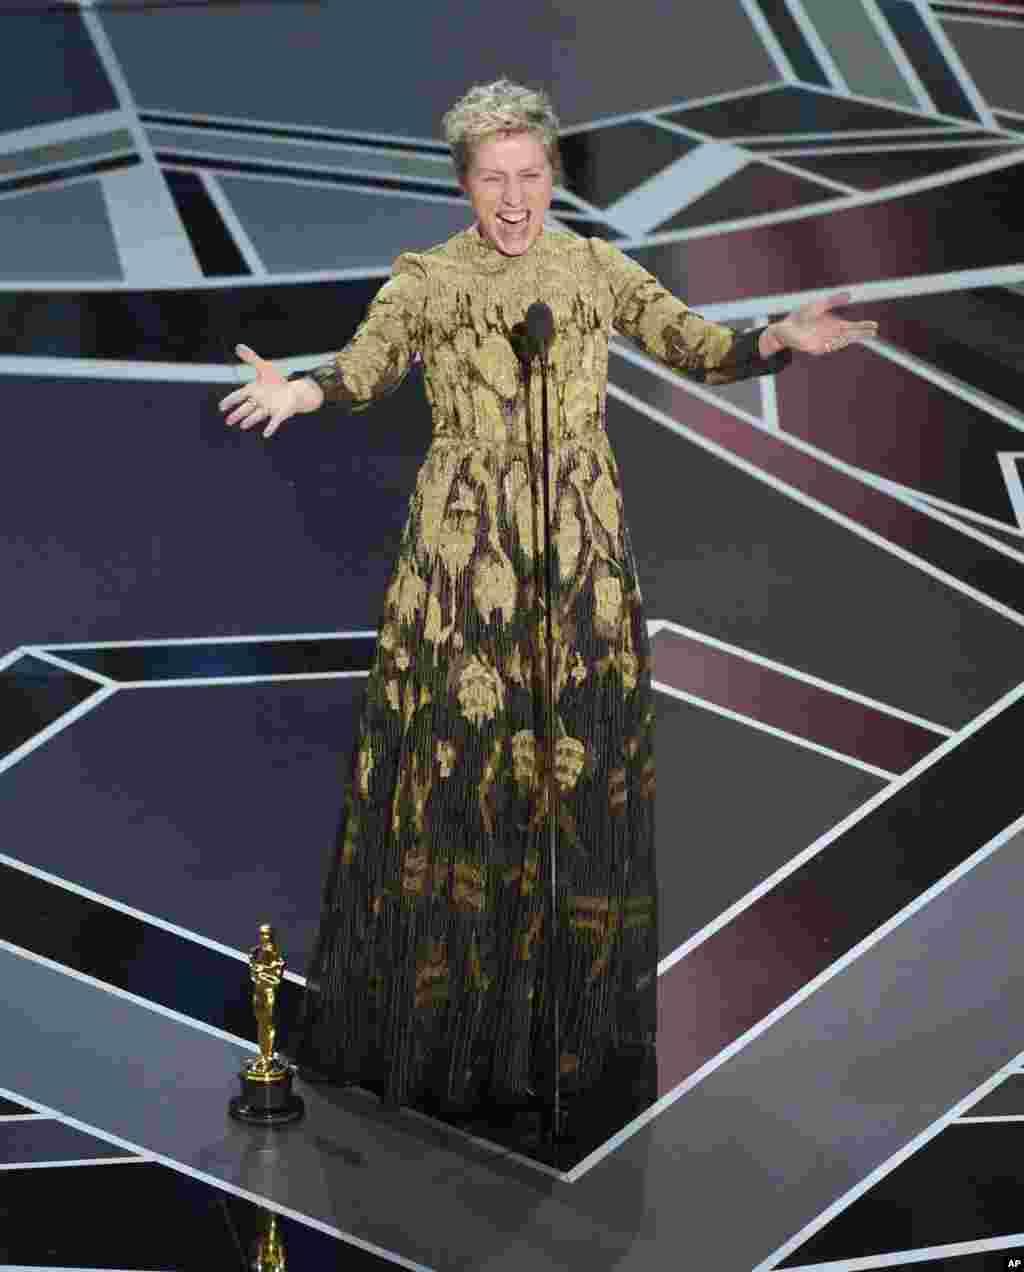 فرانسس مکڈونلڈ کو 'تھری بل بورڈز آؤٹ سائیڈ ایبنگ میزوری' کے لیے بہترین اداکارہ کا ایوارڈ دیا گیا۔